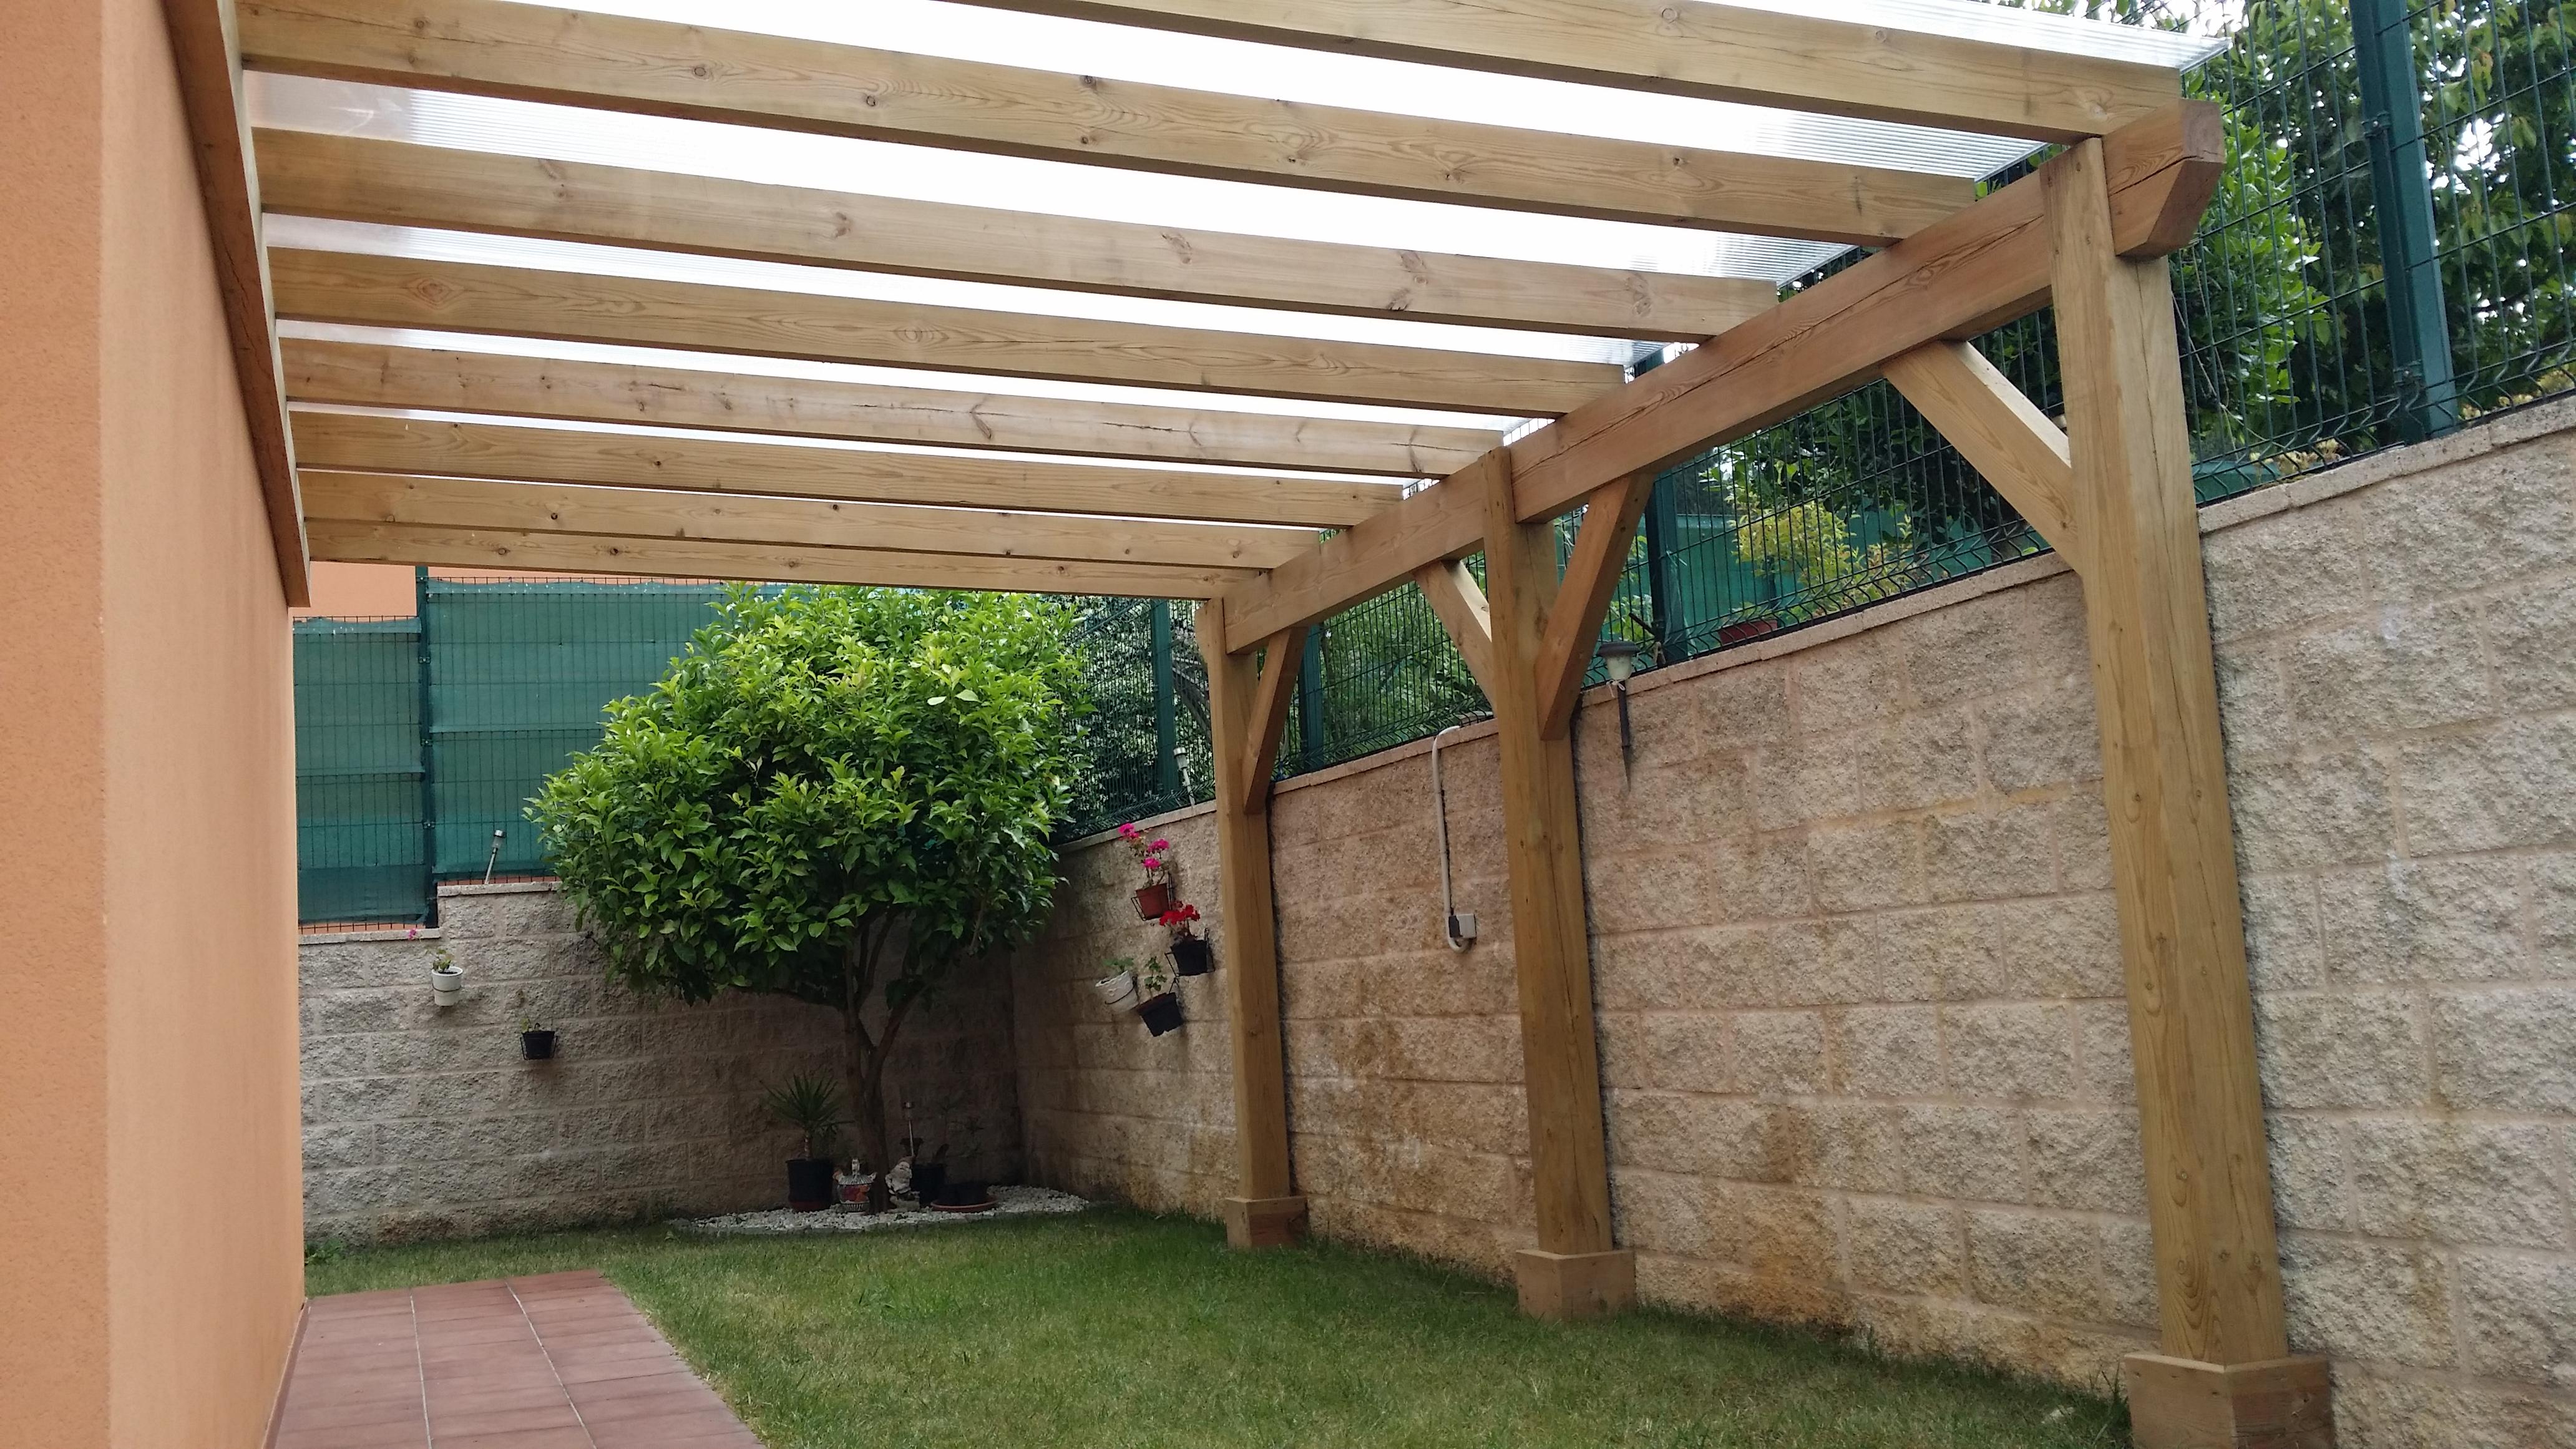 Pergola madera tratada 7 3 6 for Pergolas de madera bricor